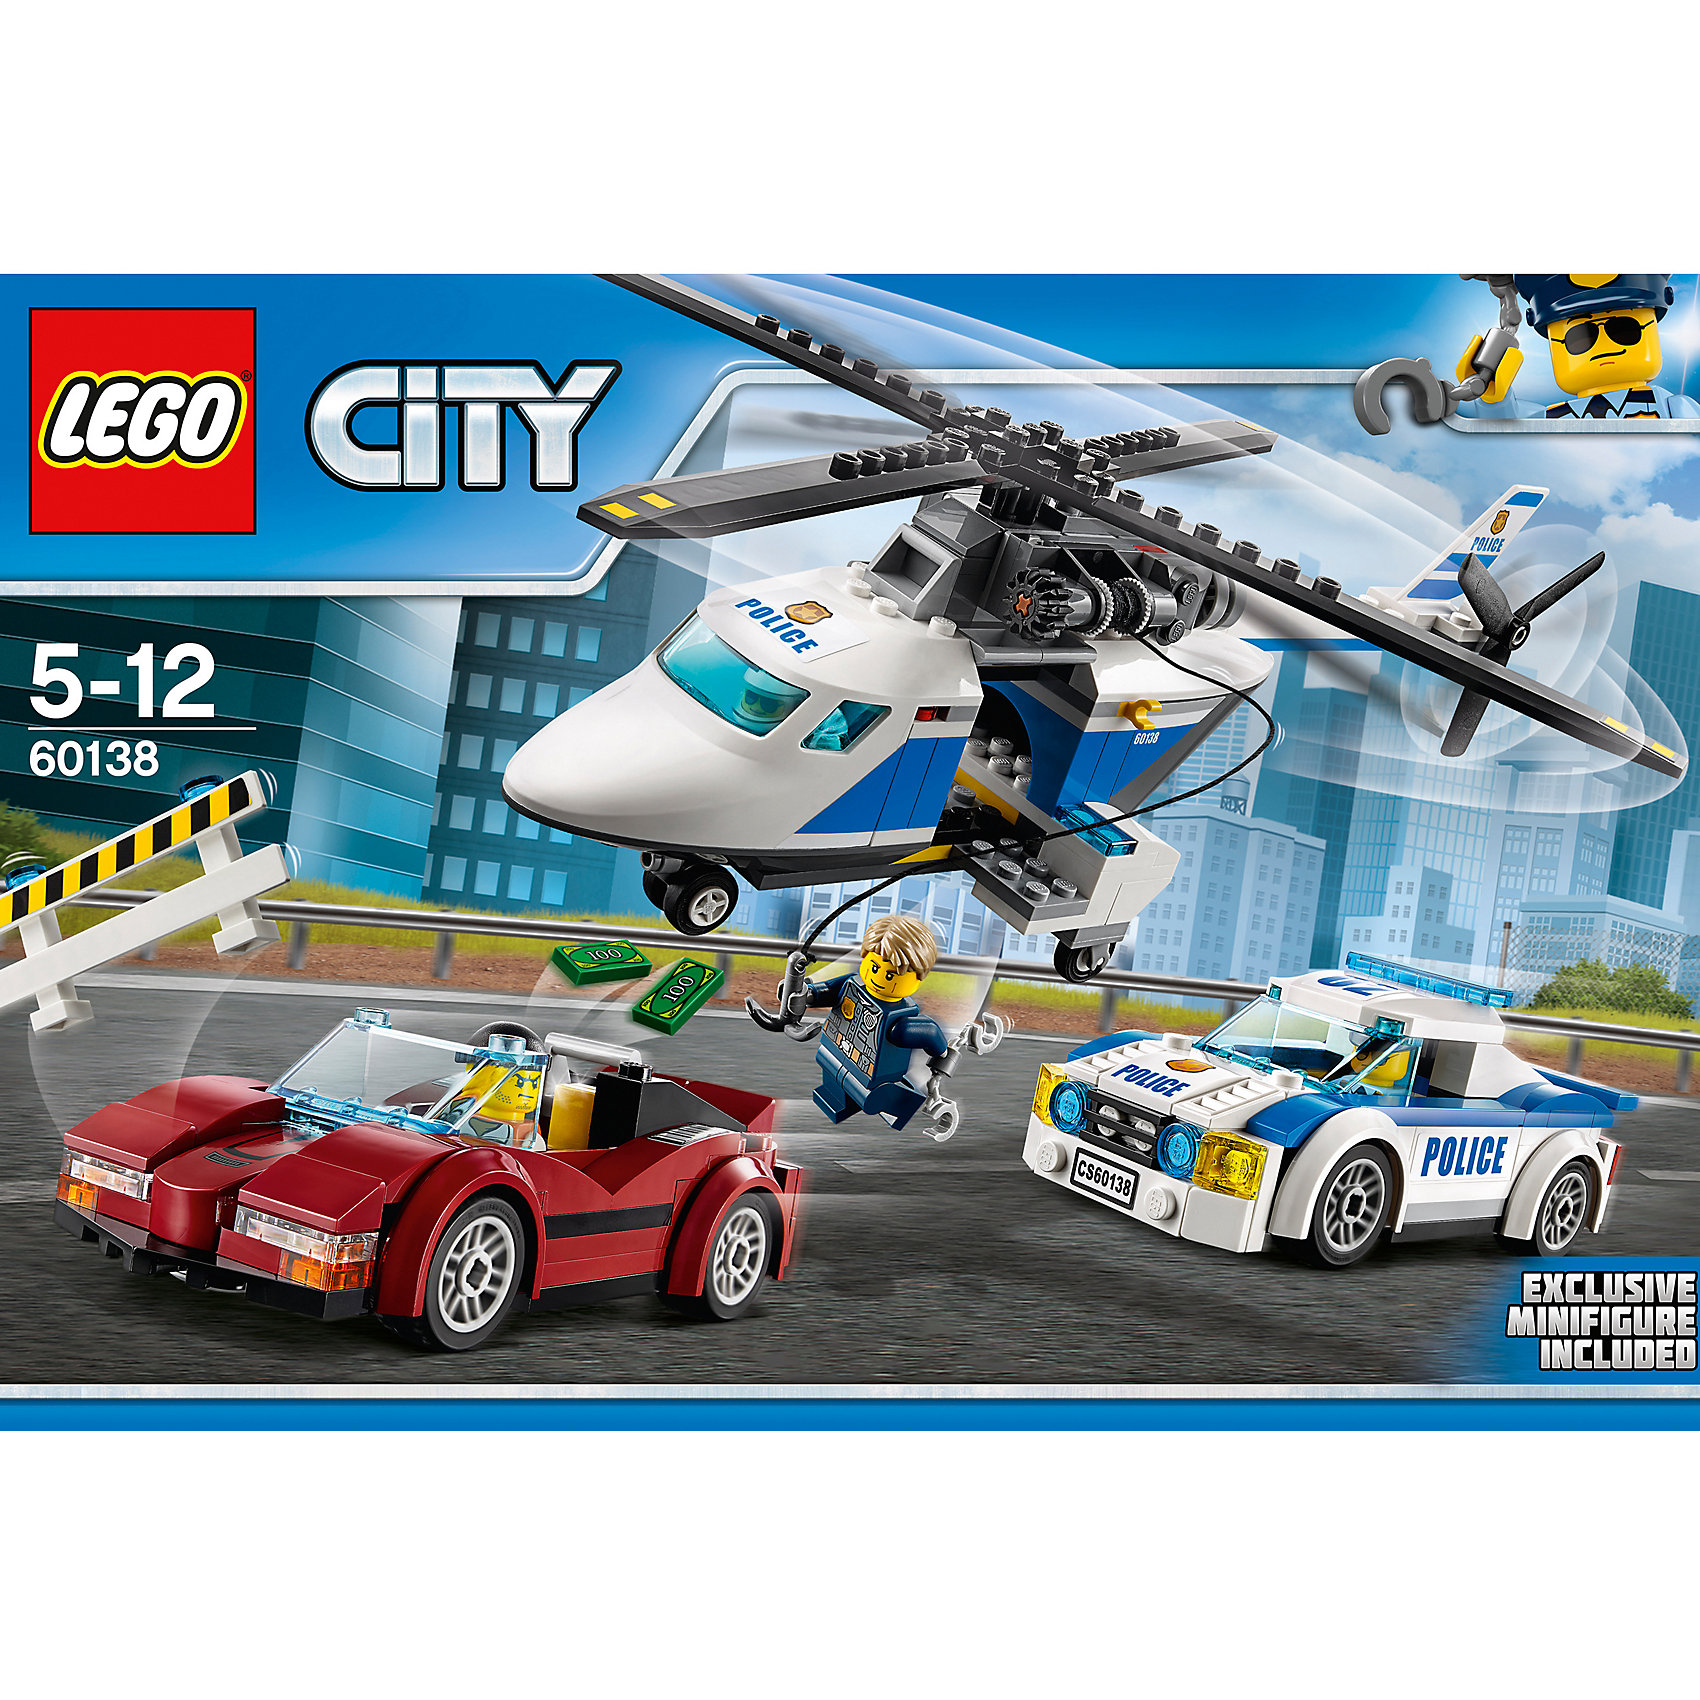 LEGO City 60138: Стремительная погоняLEGO City 60138: Стремительная погоня<br><br>Характеристики:<br><br>- в набор входит: вертолет, полицейская машина, спортивная машина, 4 фигурки, аксессуары, инструкция<br>- состав: пластик<br>- количество деталей: 294<br>- размер коробки: 38 * 7 * 26 см.<br>- размер спортивной машины: 12 * 5 * 4 см.<br>- размер полицейской машины: 11 * 5 * 4 см. <br>- размер вертолета: 33 * 26 * 11 см.<br>- для детей в возрасте: от 5 до 12 лет<br>- Страна производитель: Дания/Китай/Чехия<br><br>Легендарный конструктор LEGO (ЛЕГО) представляет серию «City» (Сити) в виде деталей жизни большого города, в котором есть абсолютно все. Серия делает игры еще более настоящими, благодаря отличным аксессуарам. Стражи закона Лего Сити всегда готовы прийти на помощь жителям города. На этот раз был замечен автомобиль, превышающий скорость. Как оказалось, машина был угнана. Патрульные полицейские перекрыли дорогу и вызвали в подмогу полицейский вертолет. Все детали на колесиках двигаются и подходят к другим наборам Лего. Вертолет и машины  отлично выполнены и содержат в своем составе много маленьких и уникальных деталей. Механизм лебедки в вертолете поможет полицейским захватить преступника с воздуха. Минифигурки отлично детализированы и качественно прорисованы. Шлемы полицейского снимается, а прозрачное стекло отодвигается назад. В набор аксессуаров входит перекрытие дороги, наручники, денежные детали, рация. Помоги полицейским добиться справедливости. Моделируй разные истории и ситуации в Лего Сити!<br><br>Конструктор LEGO City 60138: Стремительная погоня можно купить в нашем интернет-магазине.<br><br>Ширина мм: 384<br>Глубина мм: 261<br>Высота мм: 76<br>Вес г: 611<br>Возраст от месяцев: 60<br>Возраст до месяцев: 144<br>Пол: Мужской<br>Возраст: Детский<br>SKU: 5002452